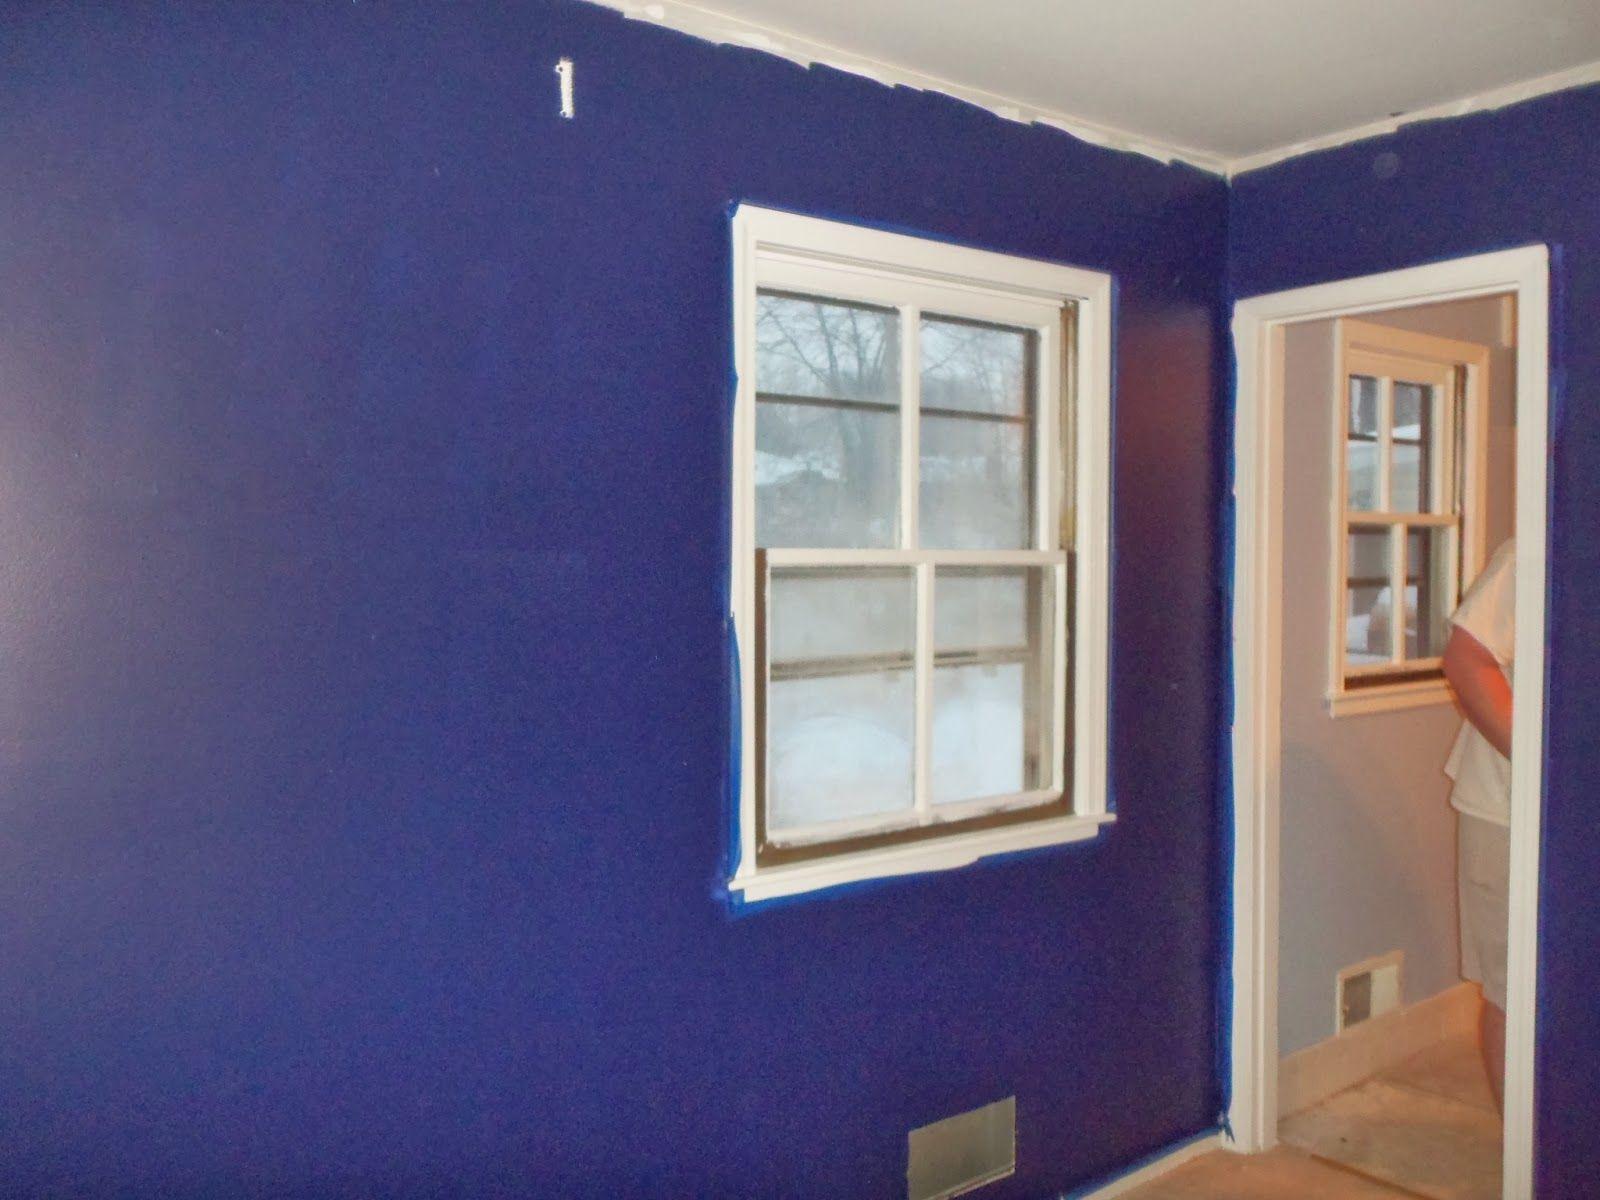 Master Bedroom Remodel Painted Walls Midnight Navy By Benjamin Moore Bat Remodeling Bathroom